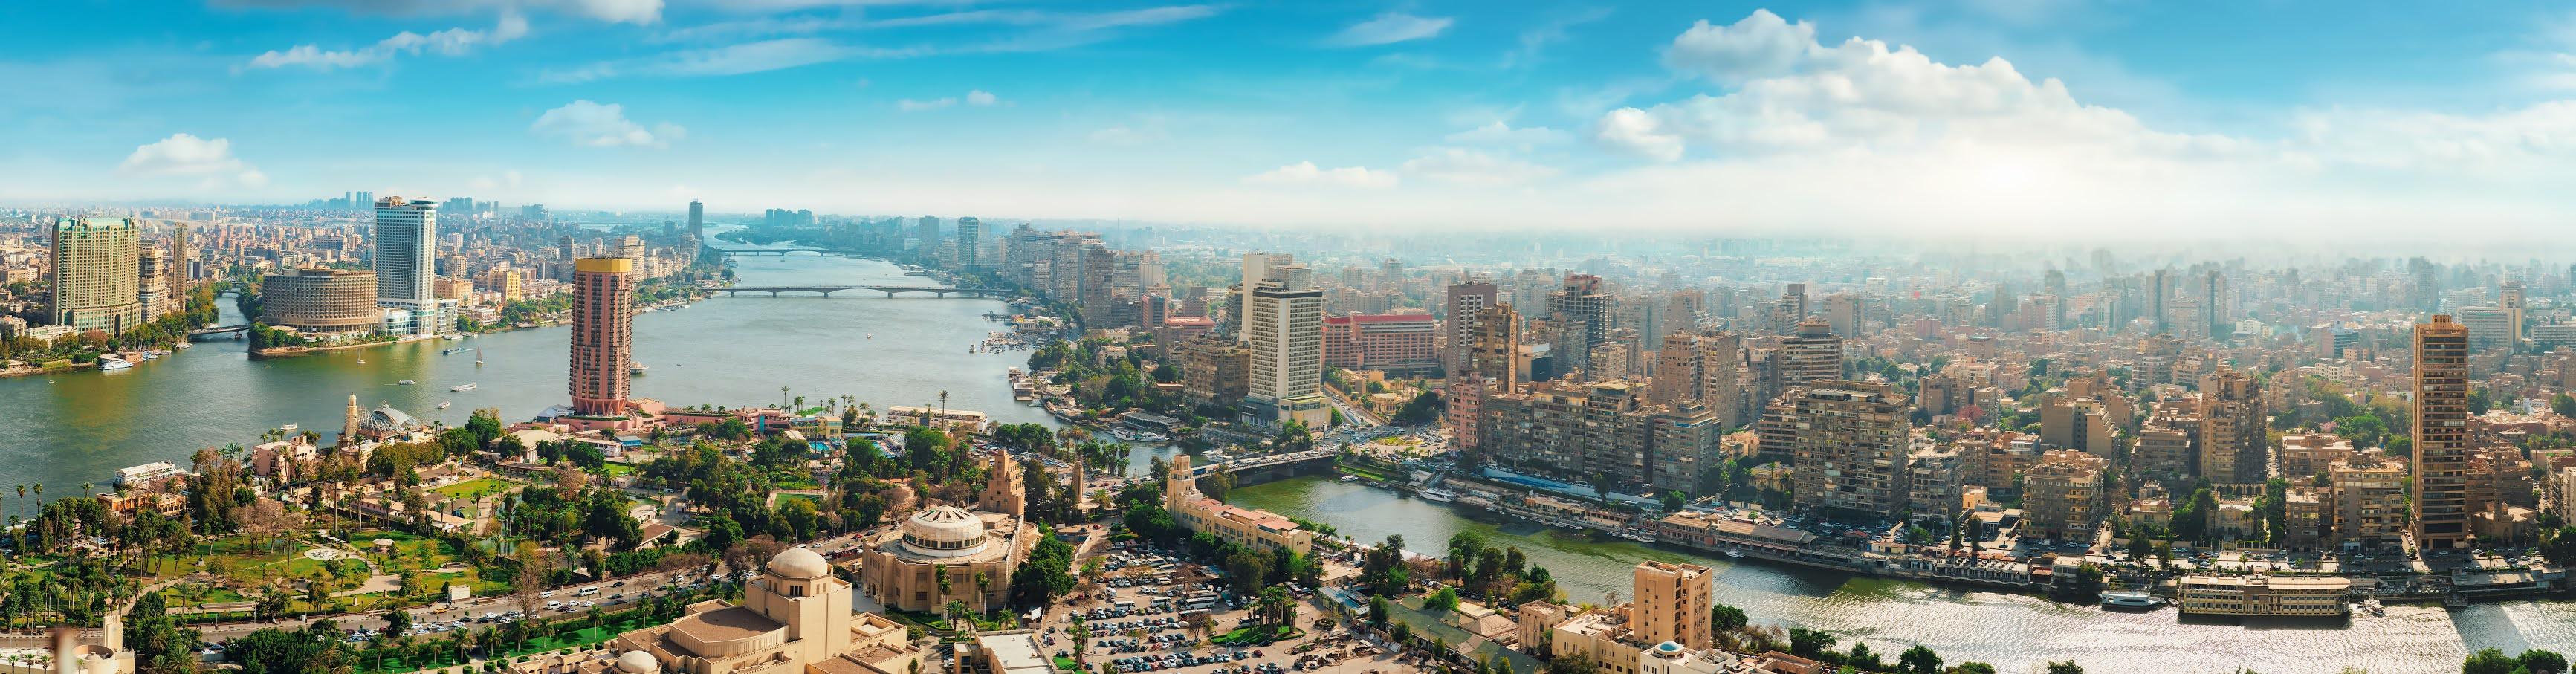 10 %  نمواً متوقعاً في القطاع العقاري المصري